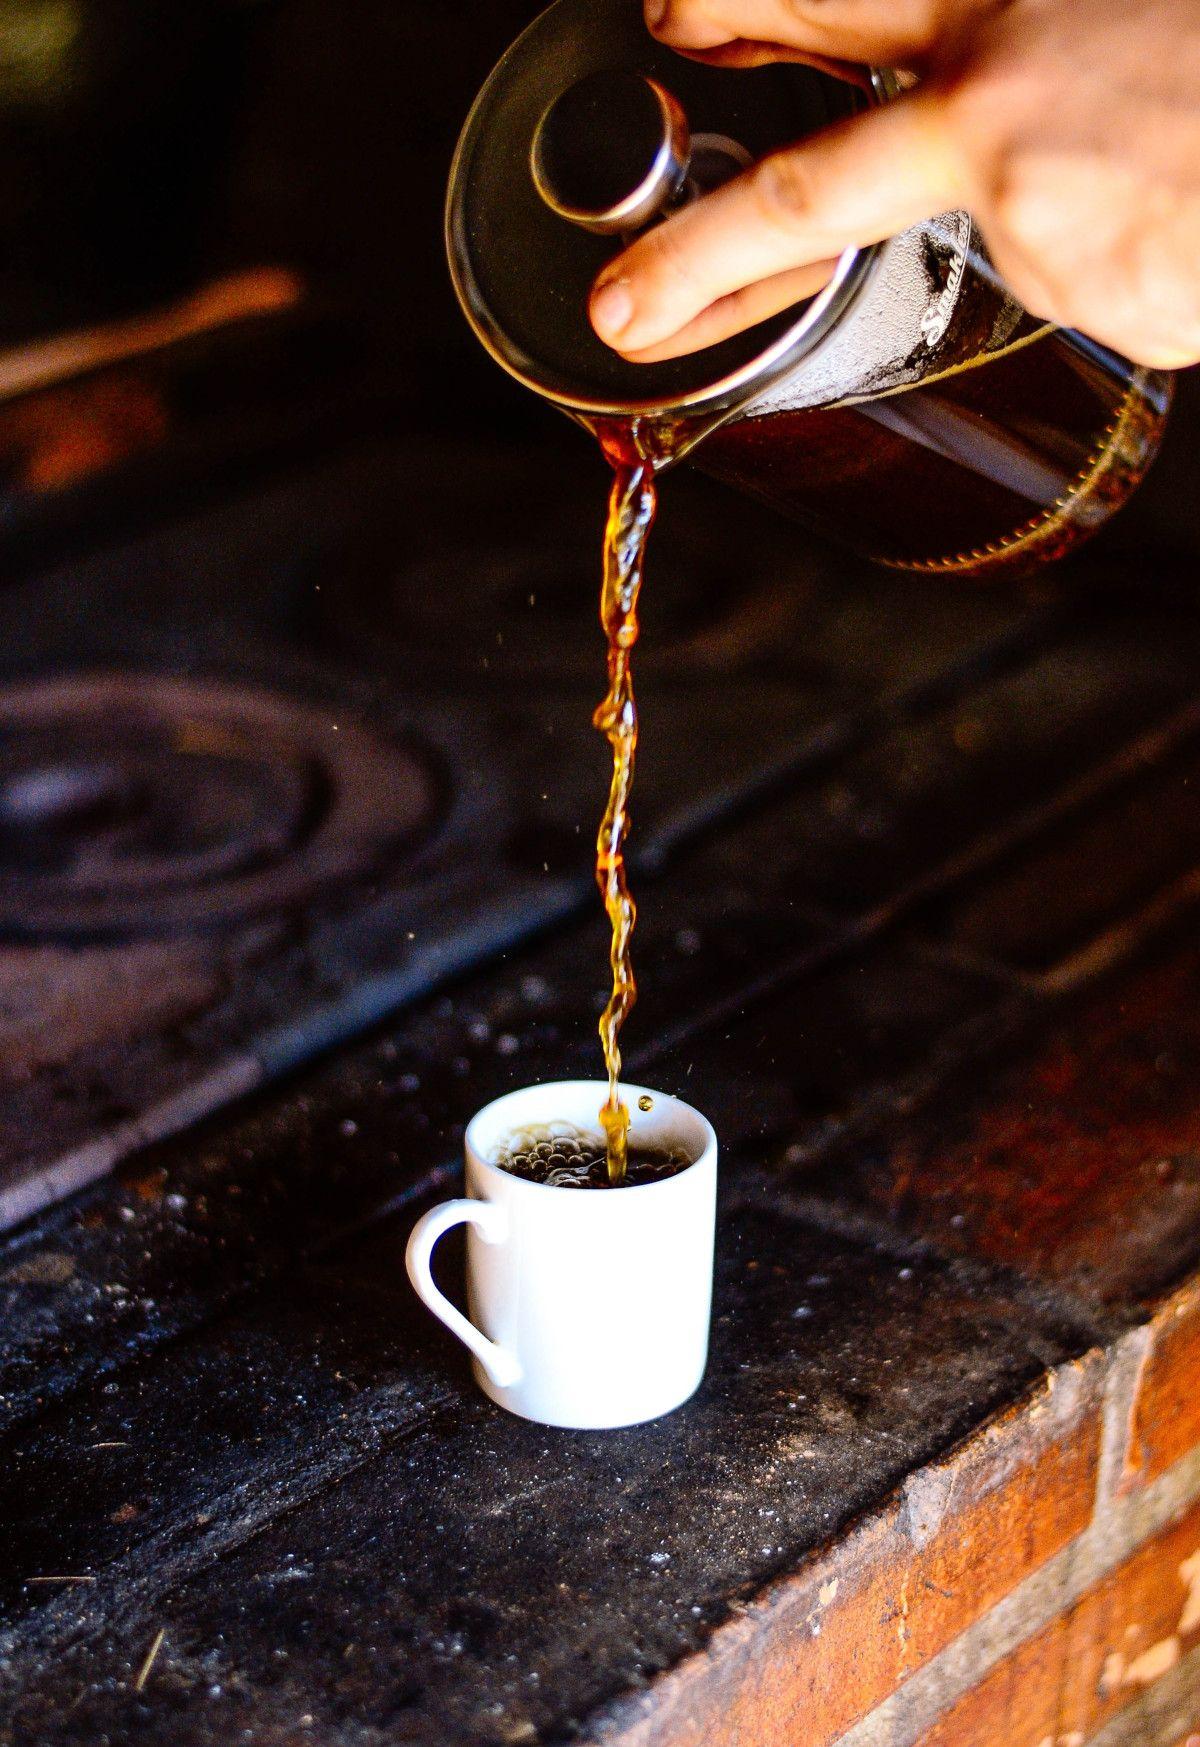 café o té para activarse